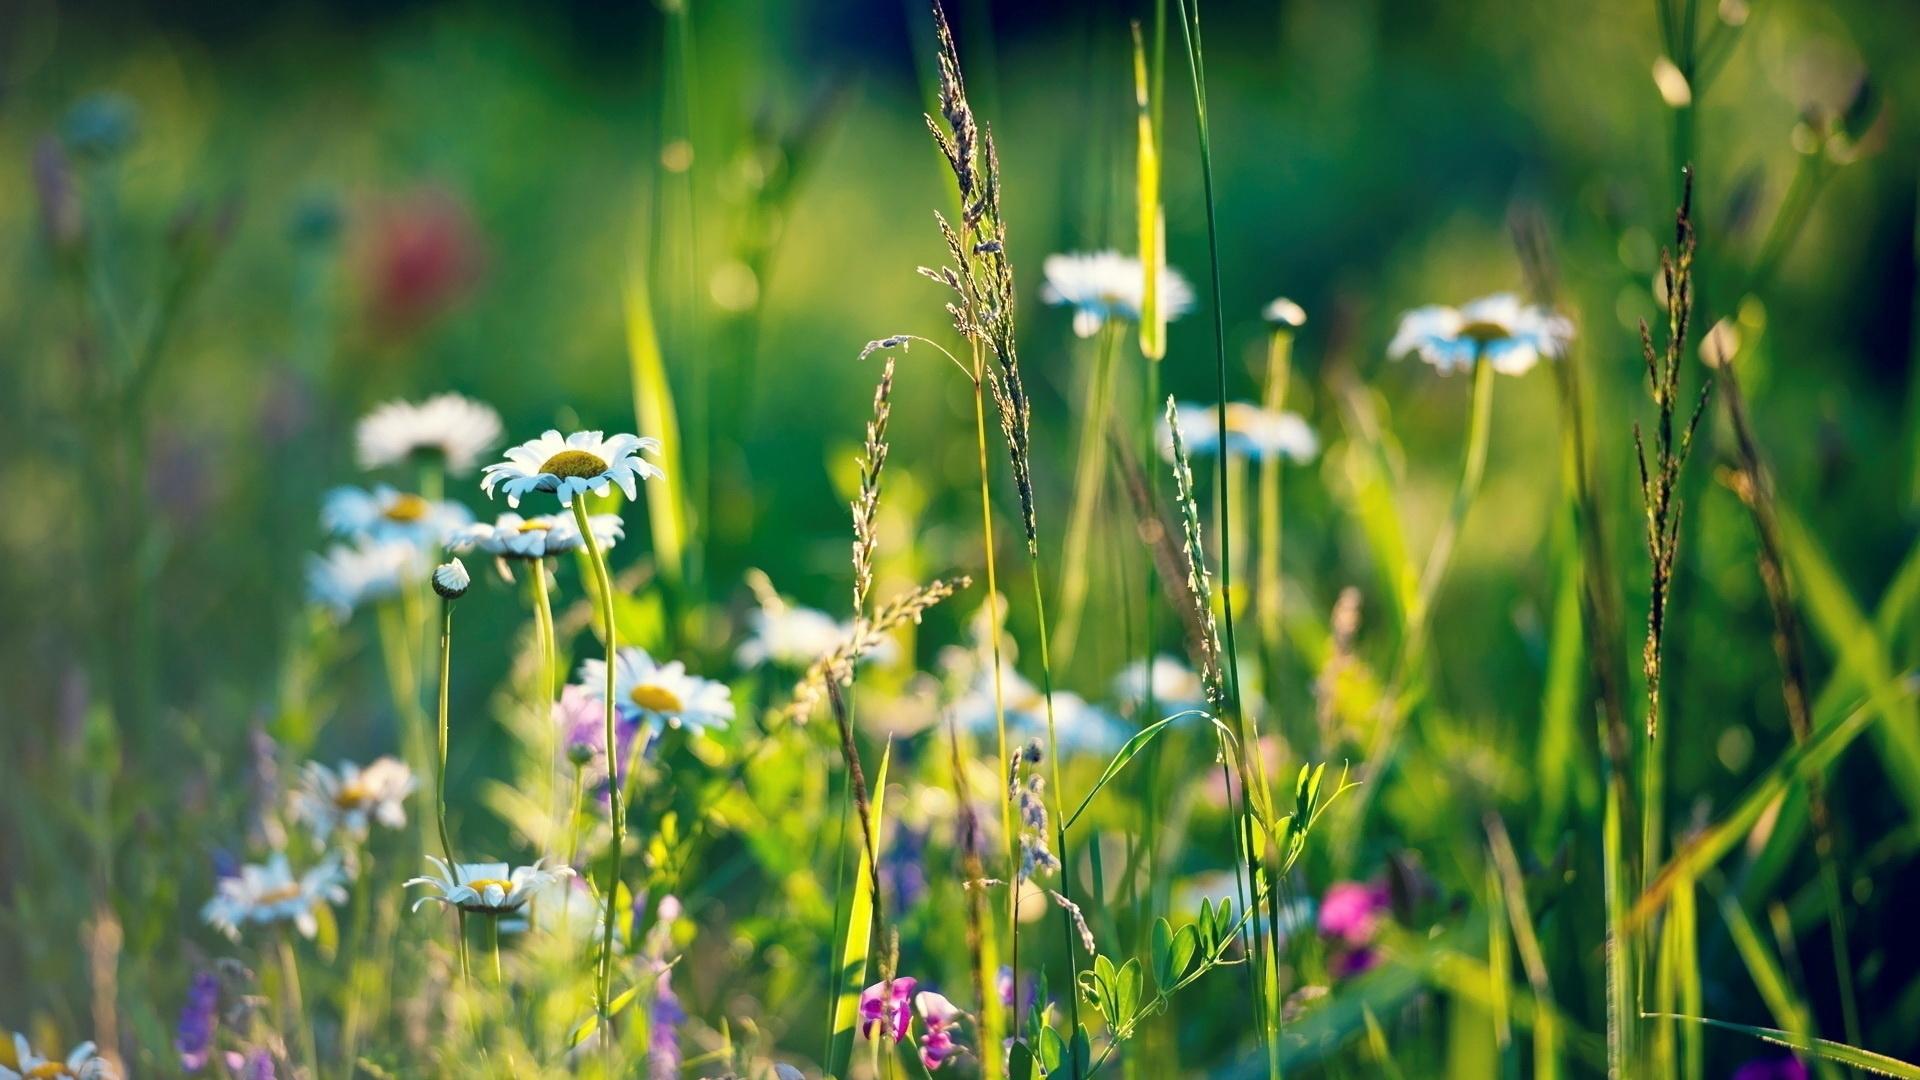 картинки травы полевые лекарственные красивого лососево-розового цвета